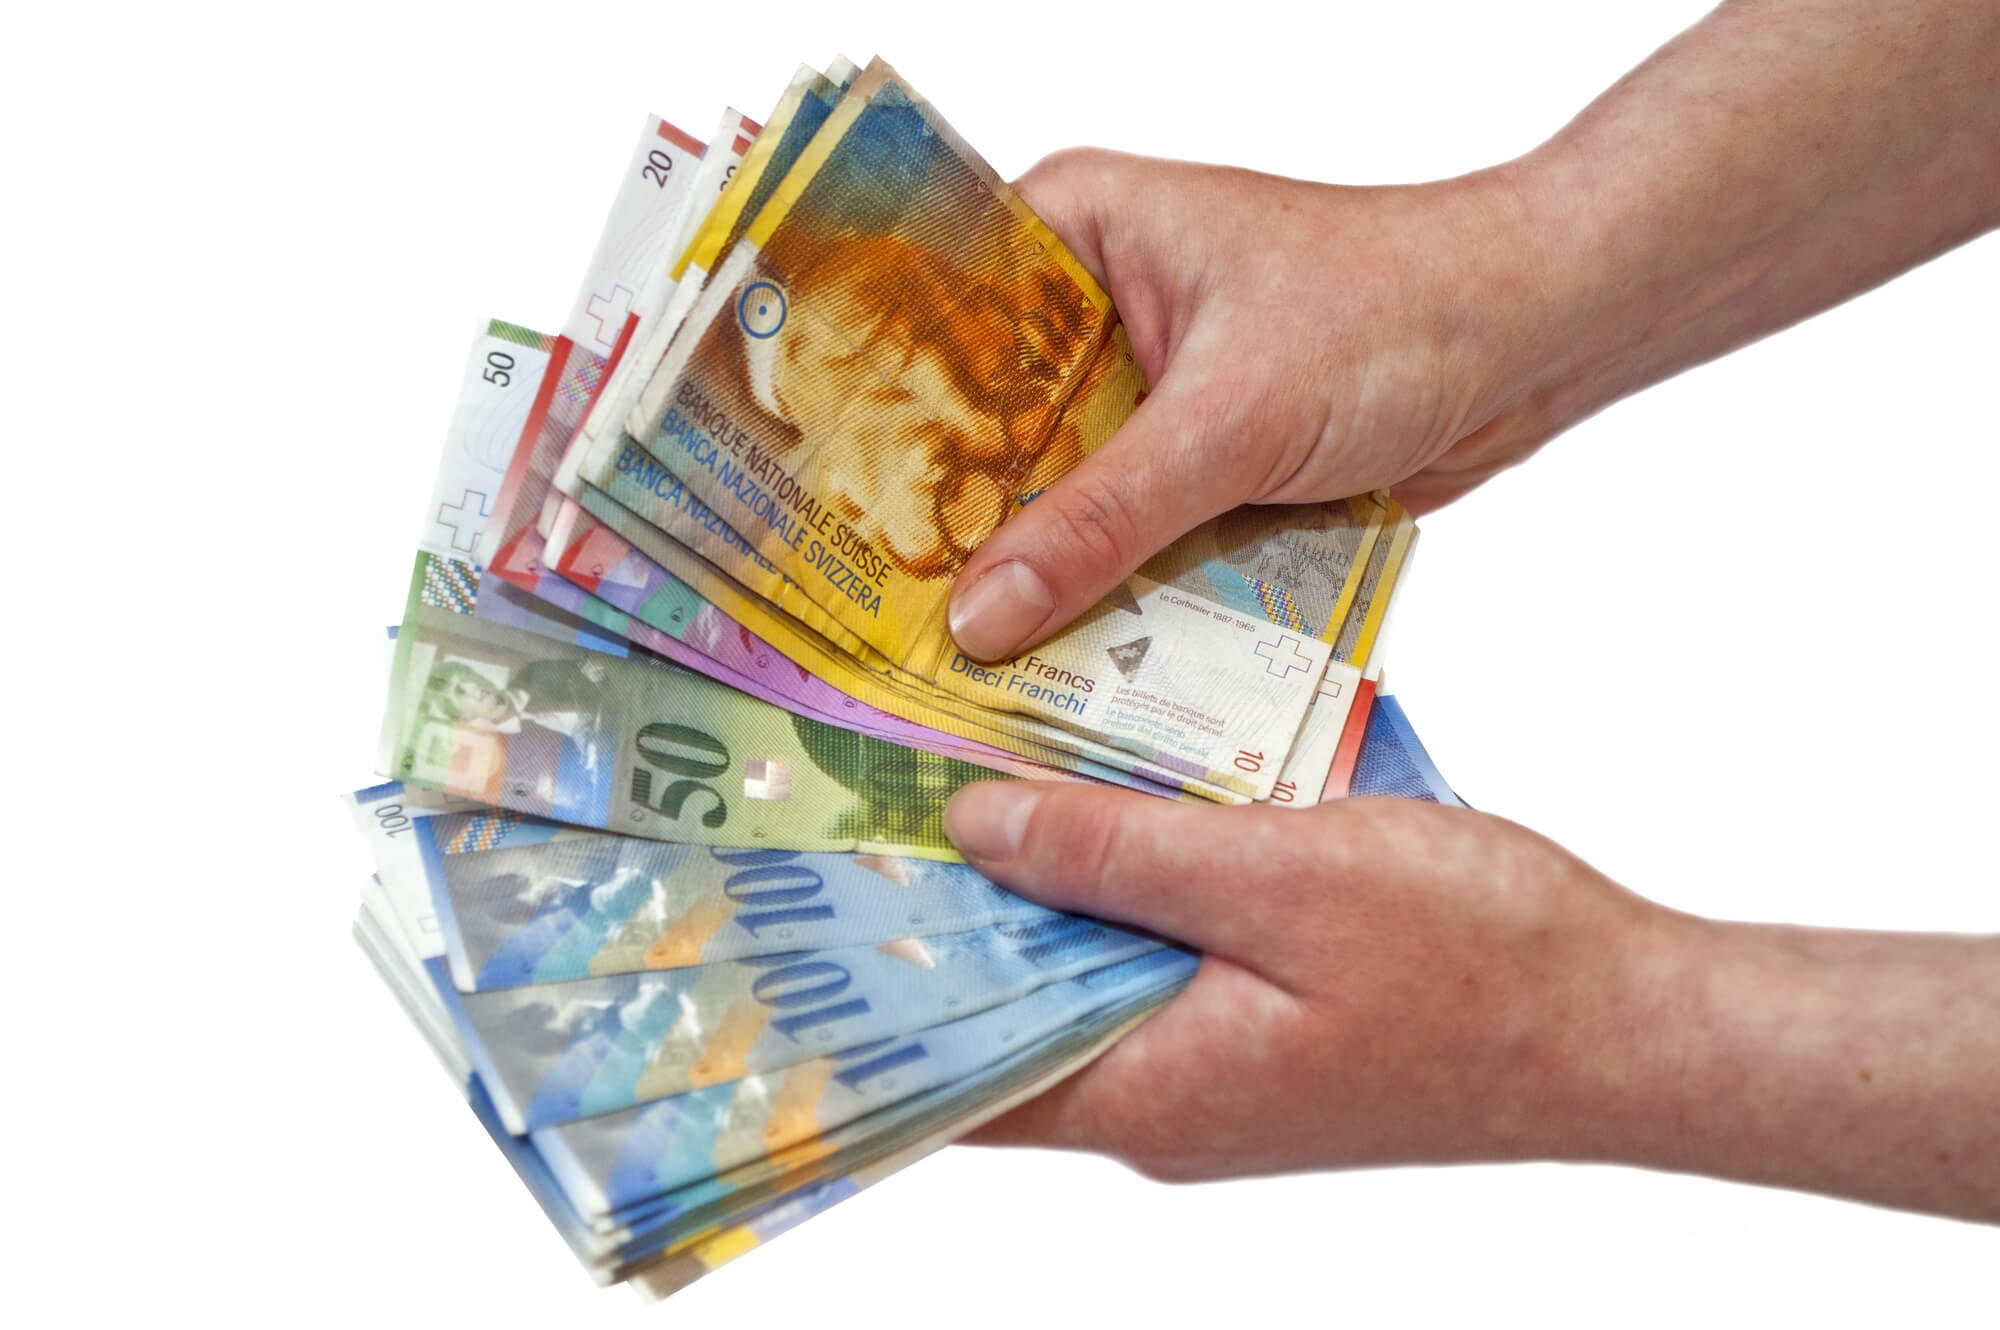 Geld kann dringend helfen wer brauche ✅ Brauche